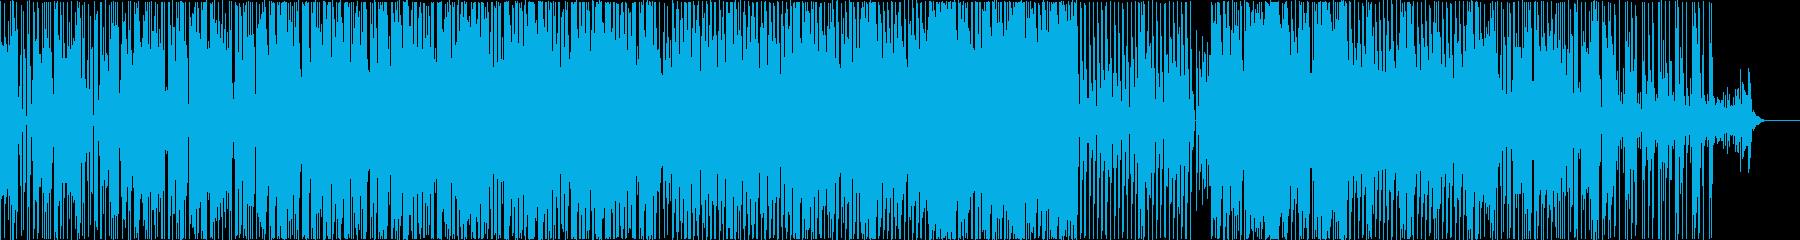 ミドルテンポでファンク雰囲気の楽曲の再生済みの波形